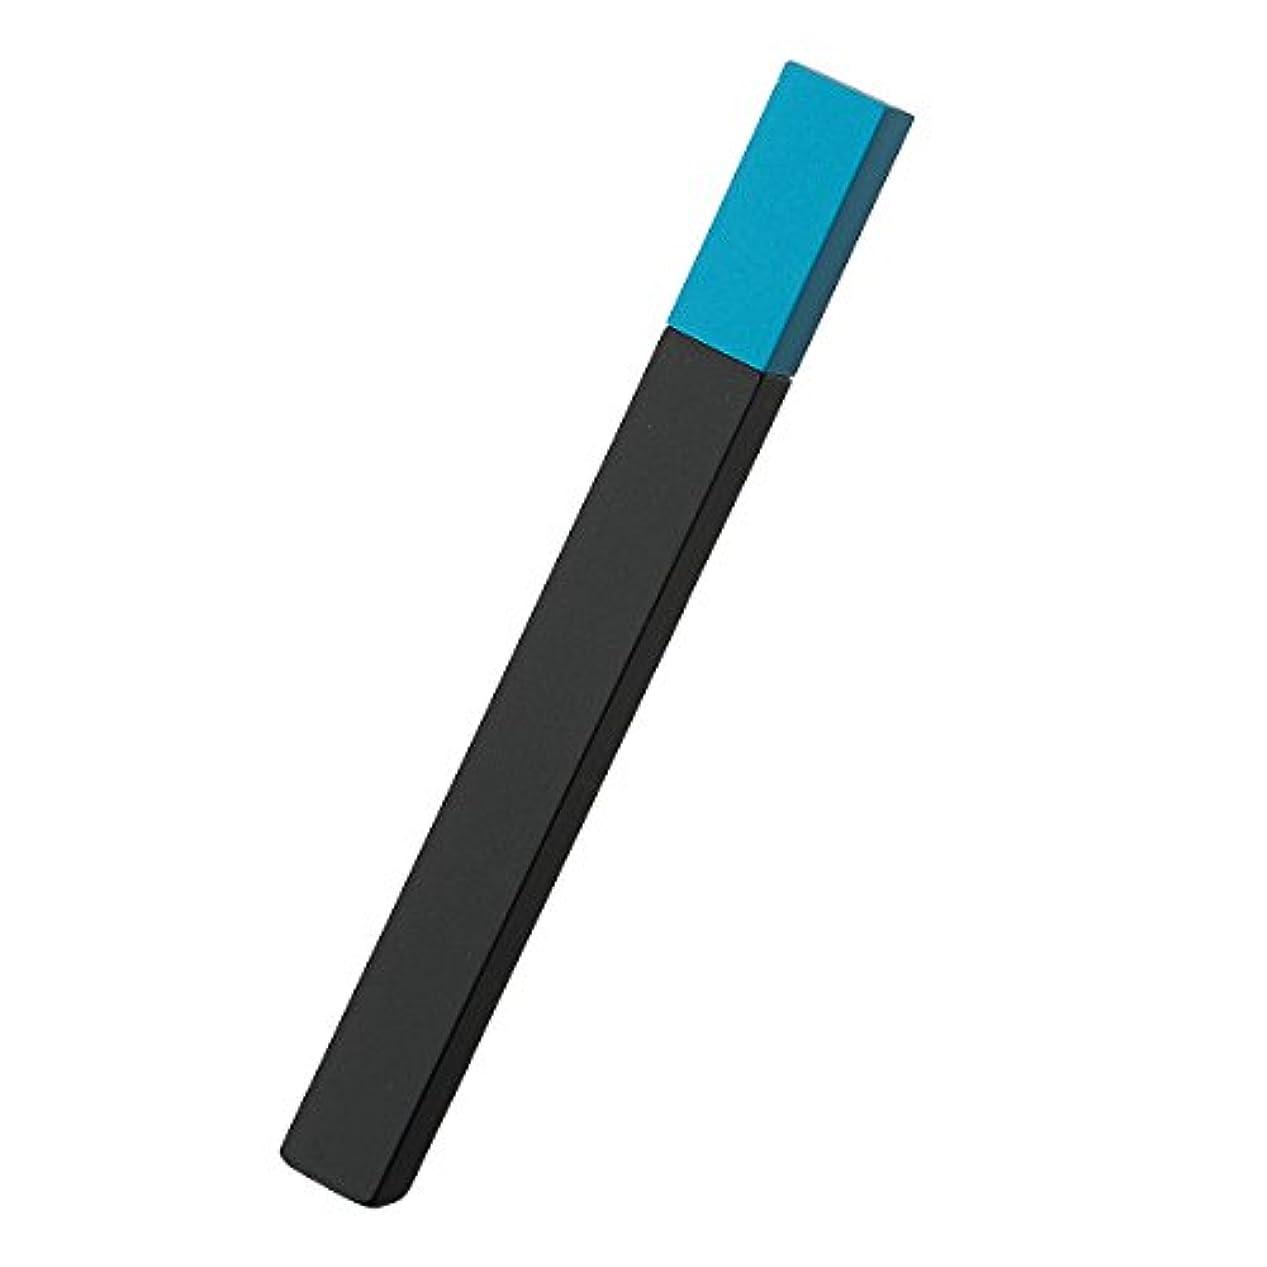 摩擦伝染性ハーフ[坪田パール] QUEUE (クー) オイルライター ツートン ブラック×ターコイズ 日本製 2-26069-07 喫煙具